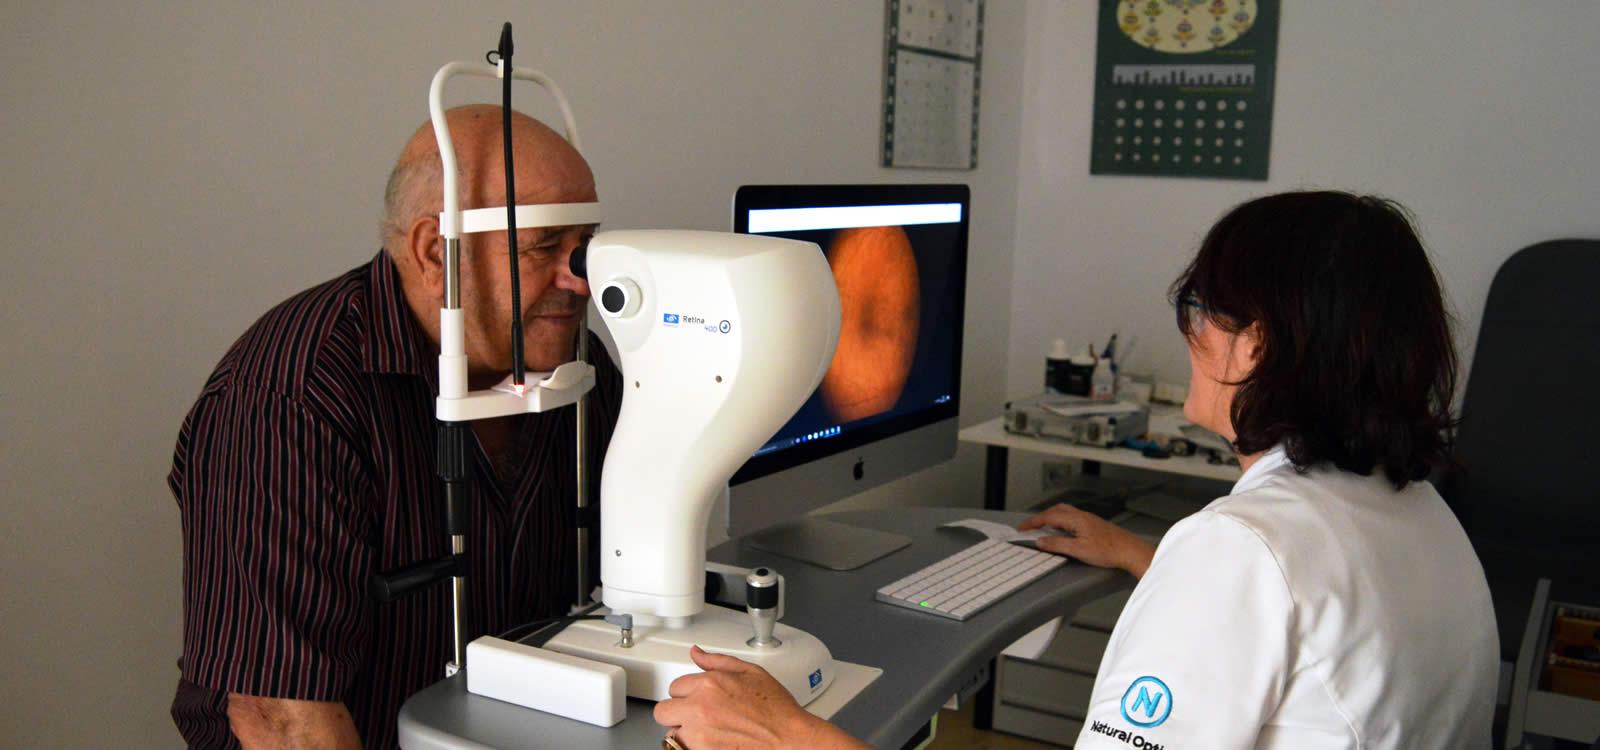 revisio-visuals-centre-optic-esguard